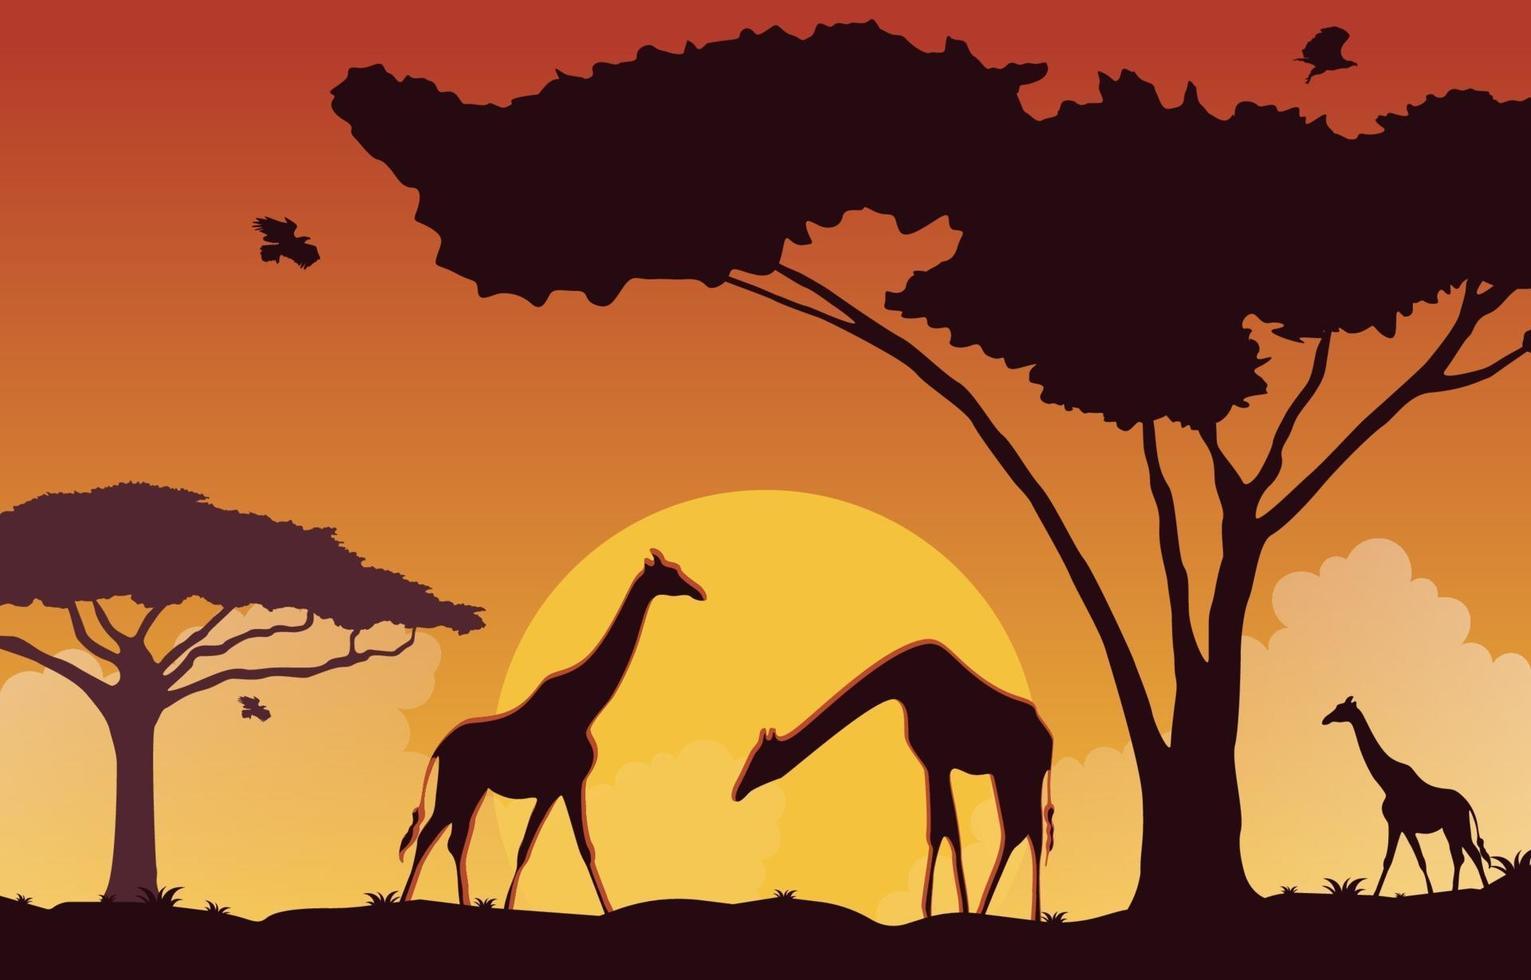 giraffe nel paesaggio della savana africana all'illustrazione di tramonto vettore